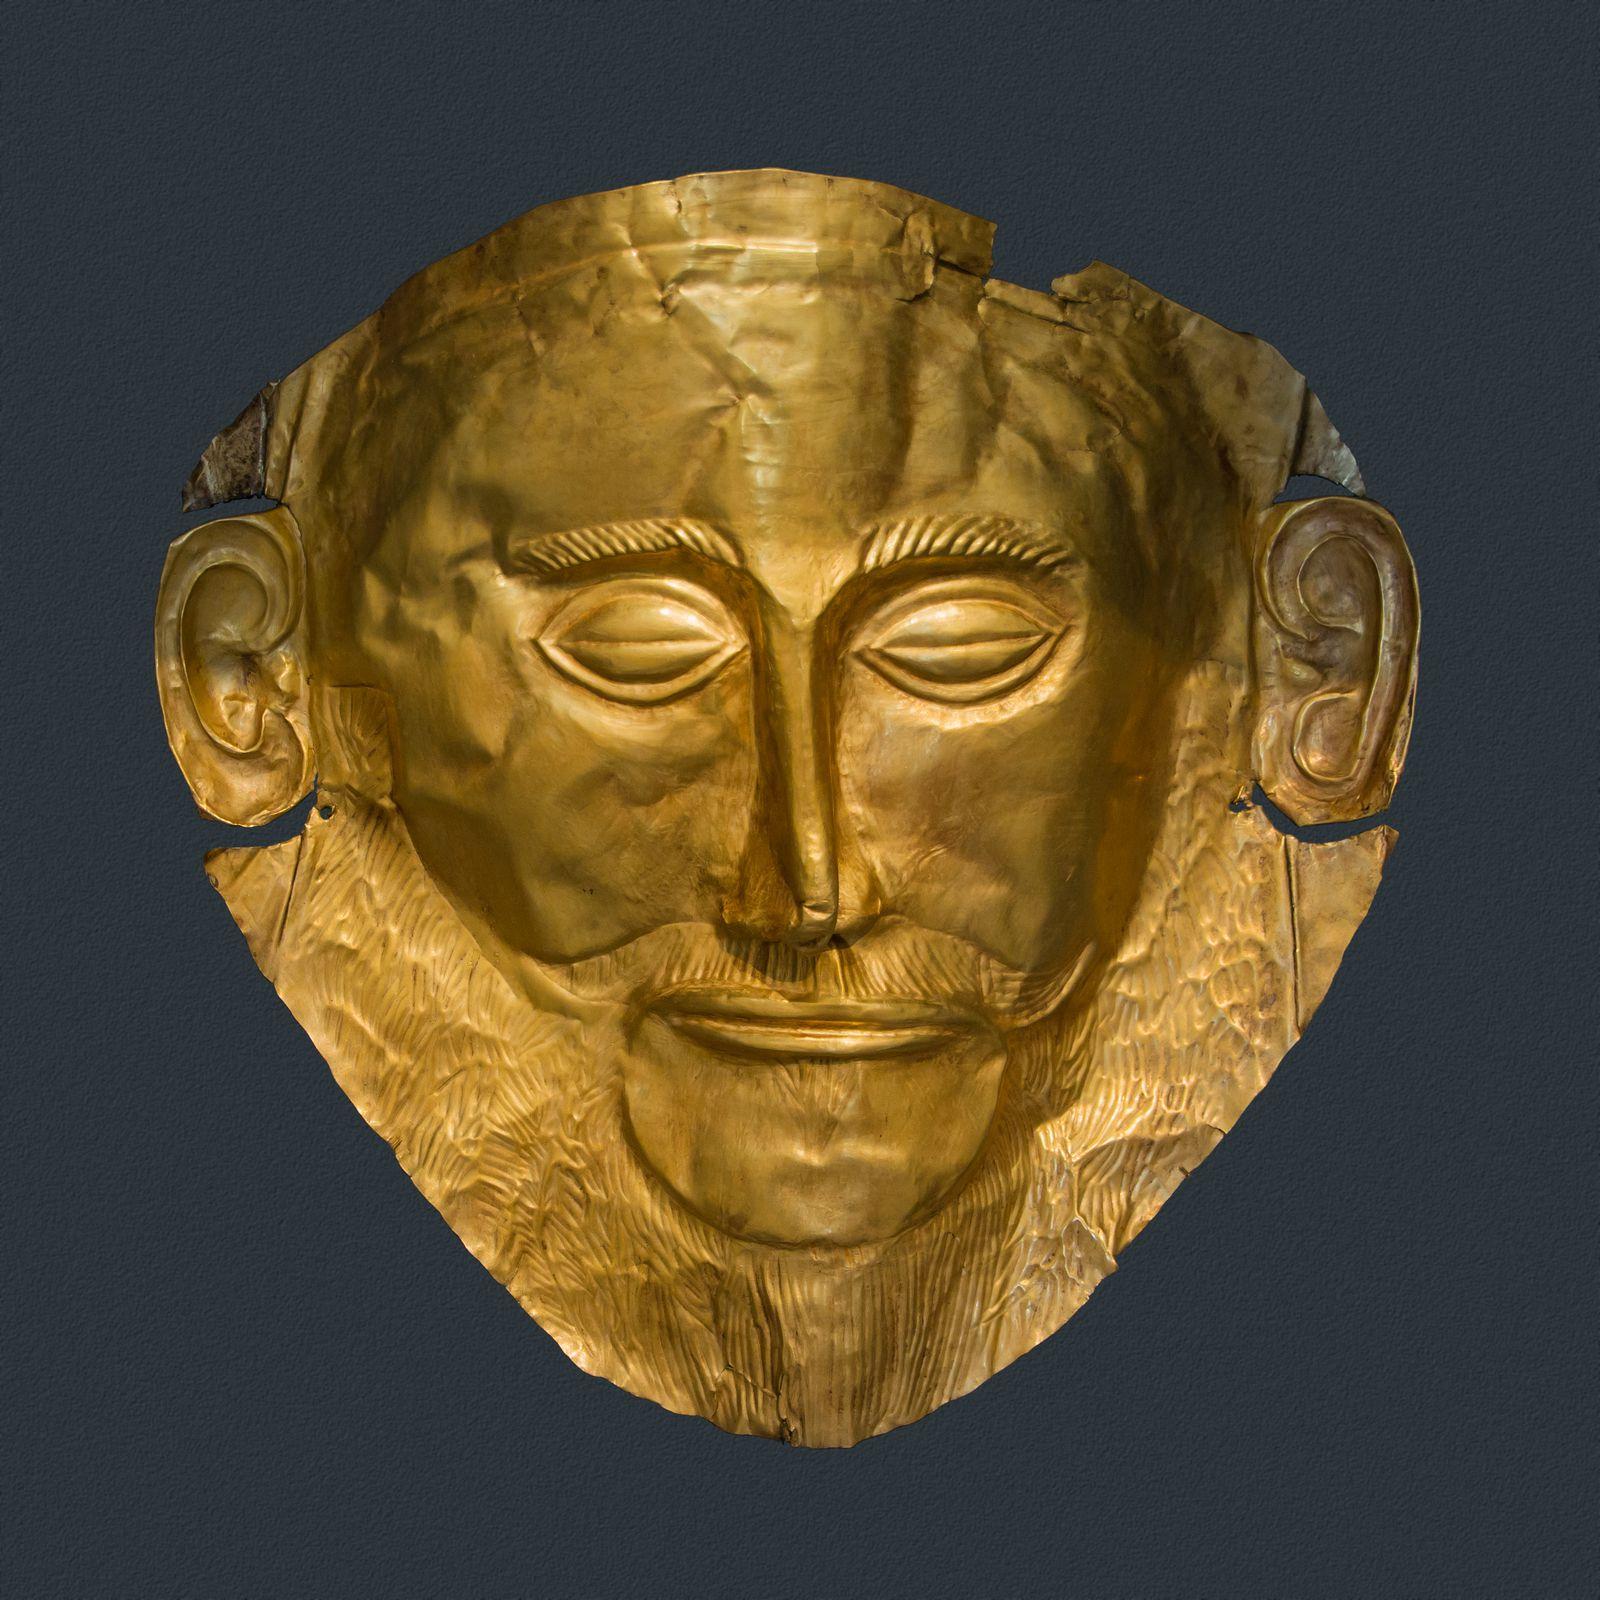 Visage d'un roi vieux de 3600 ans ?